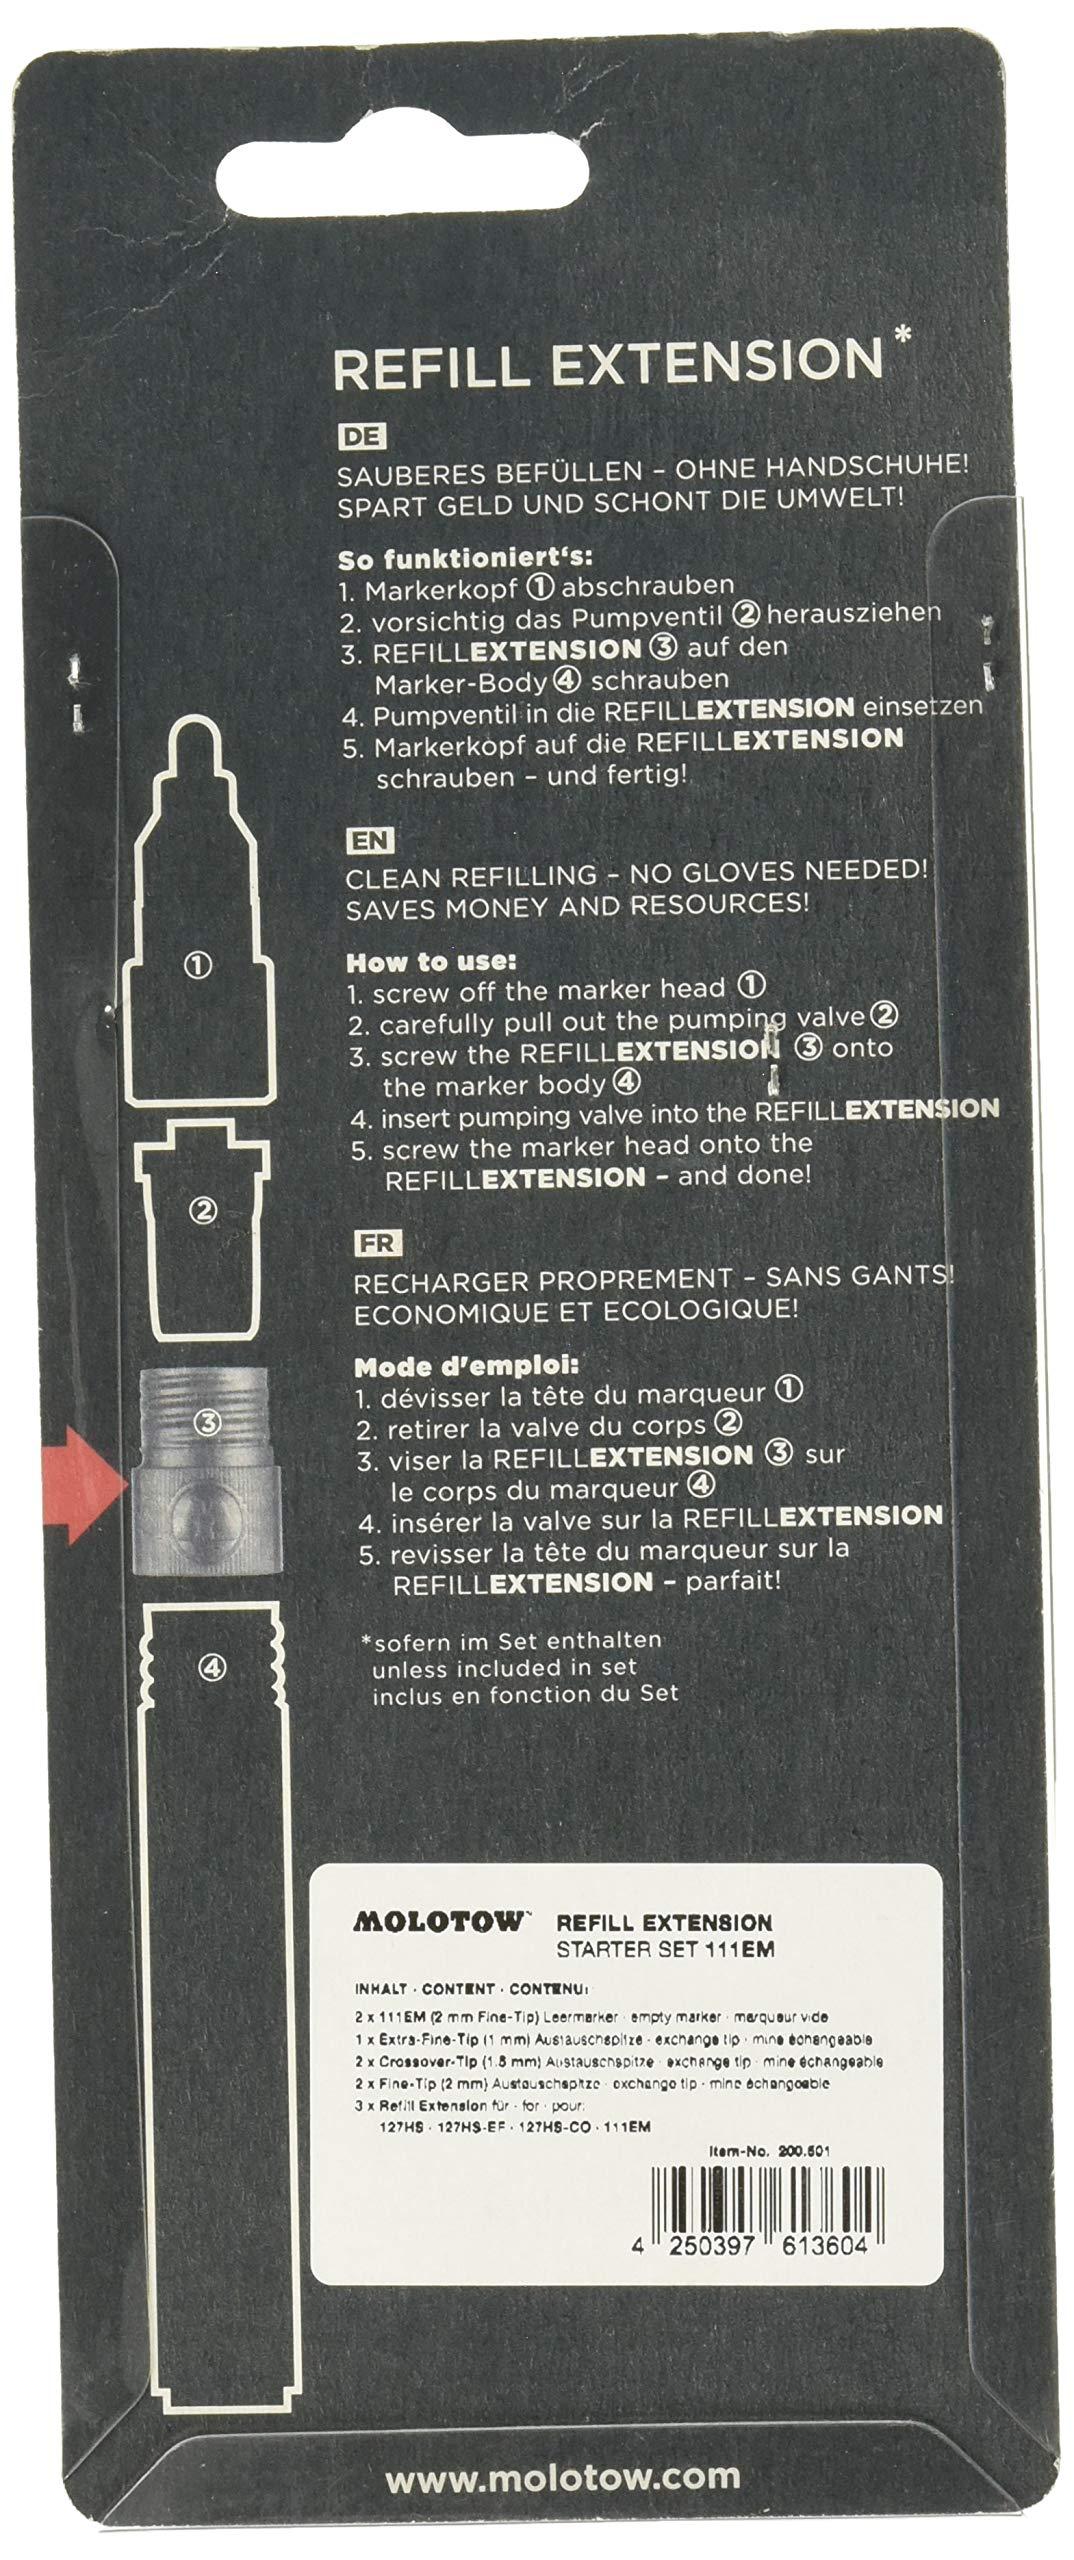 Molotow 200501 Starter Set Refill Extension 111EM